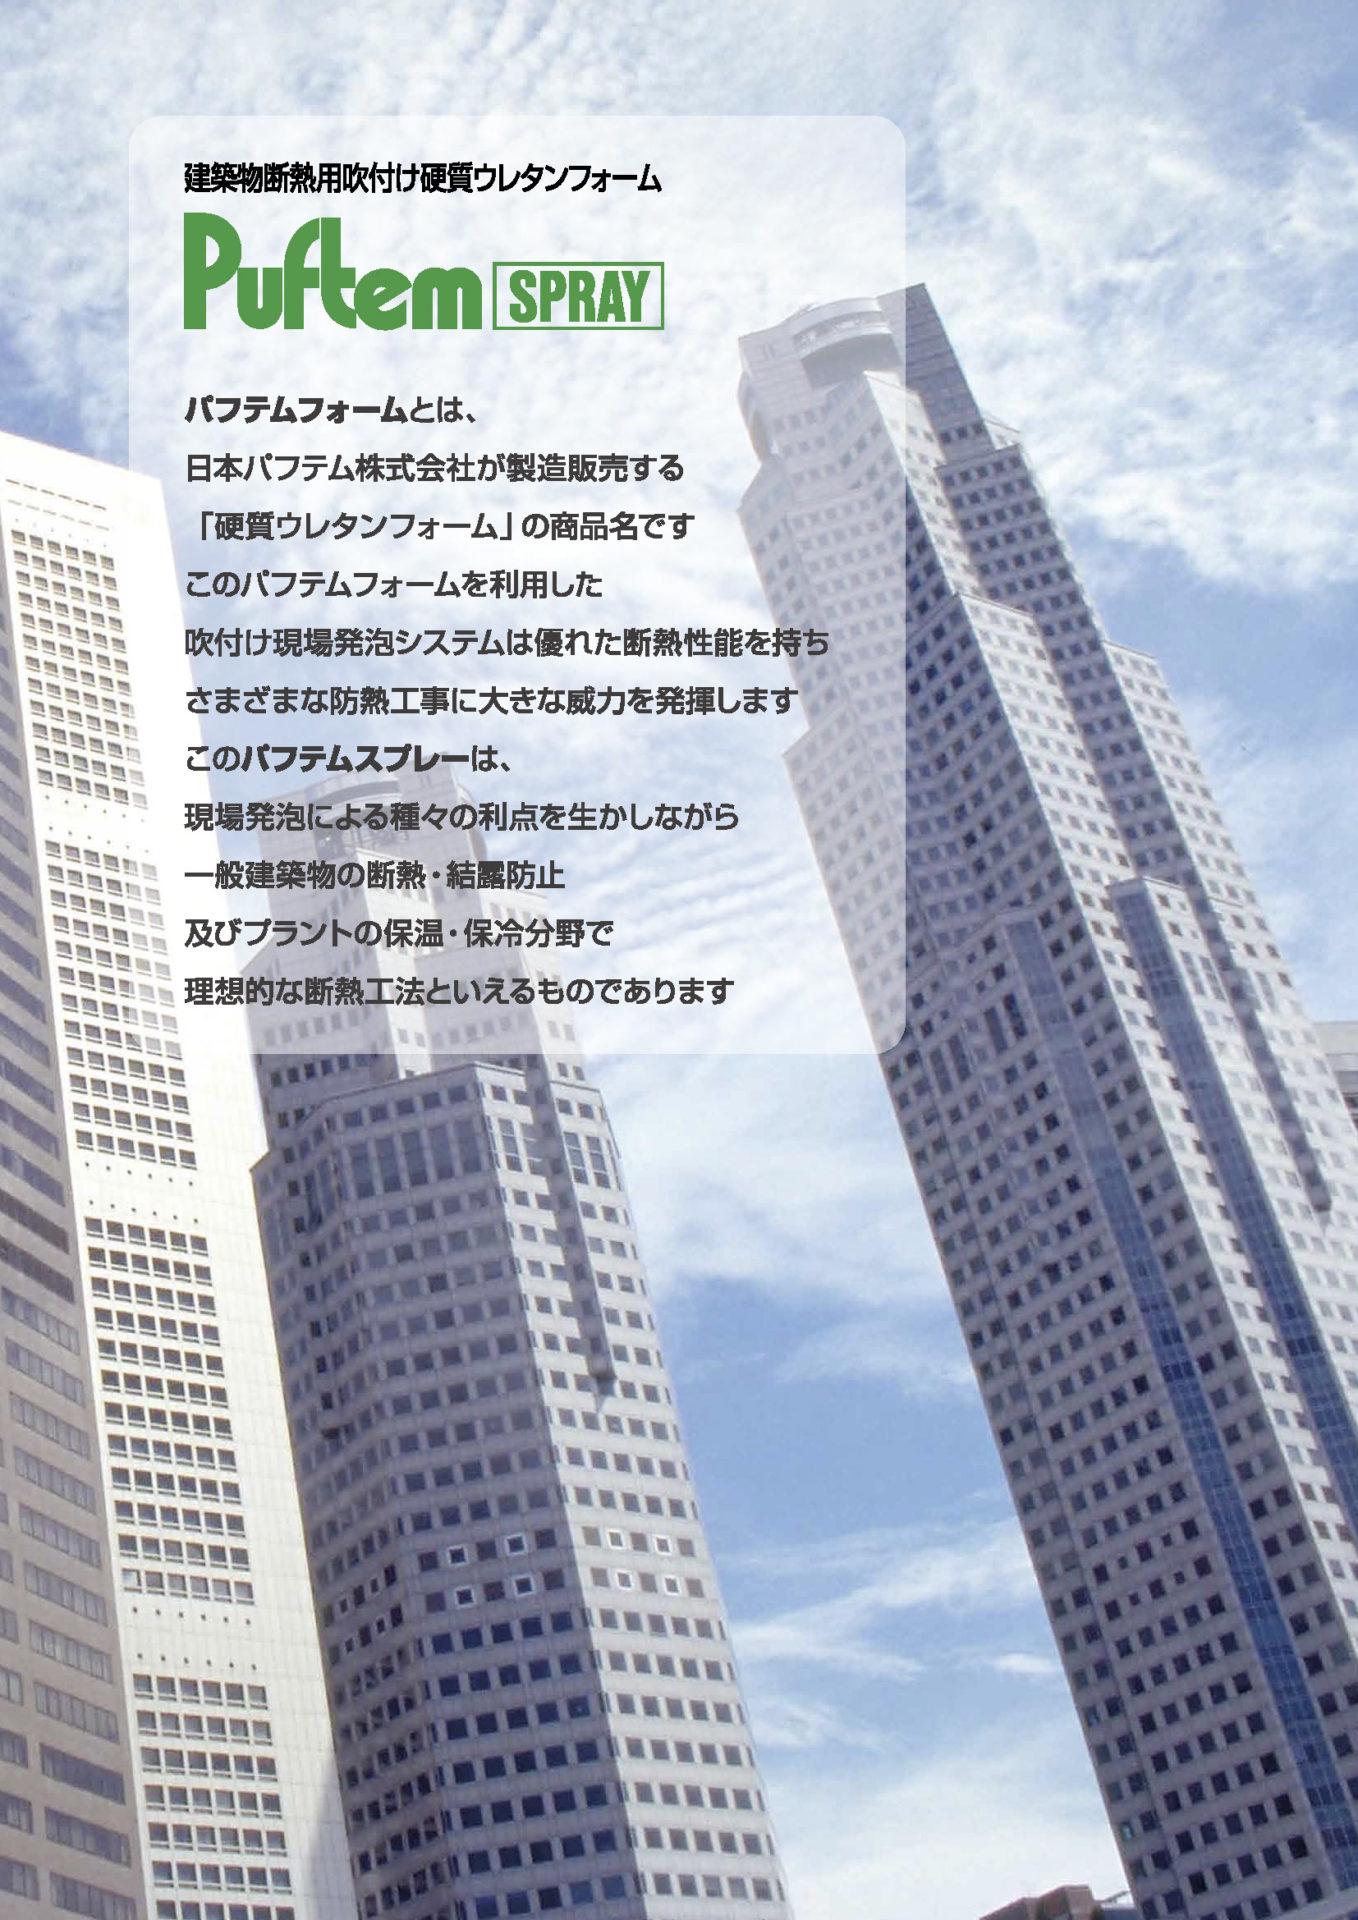 「パフテムスプレー」フロンタイプ専用カタログP3